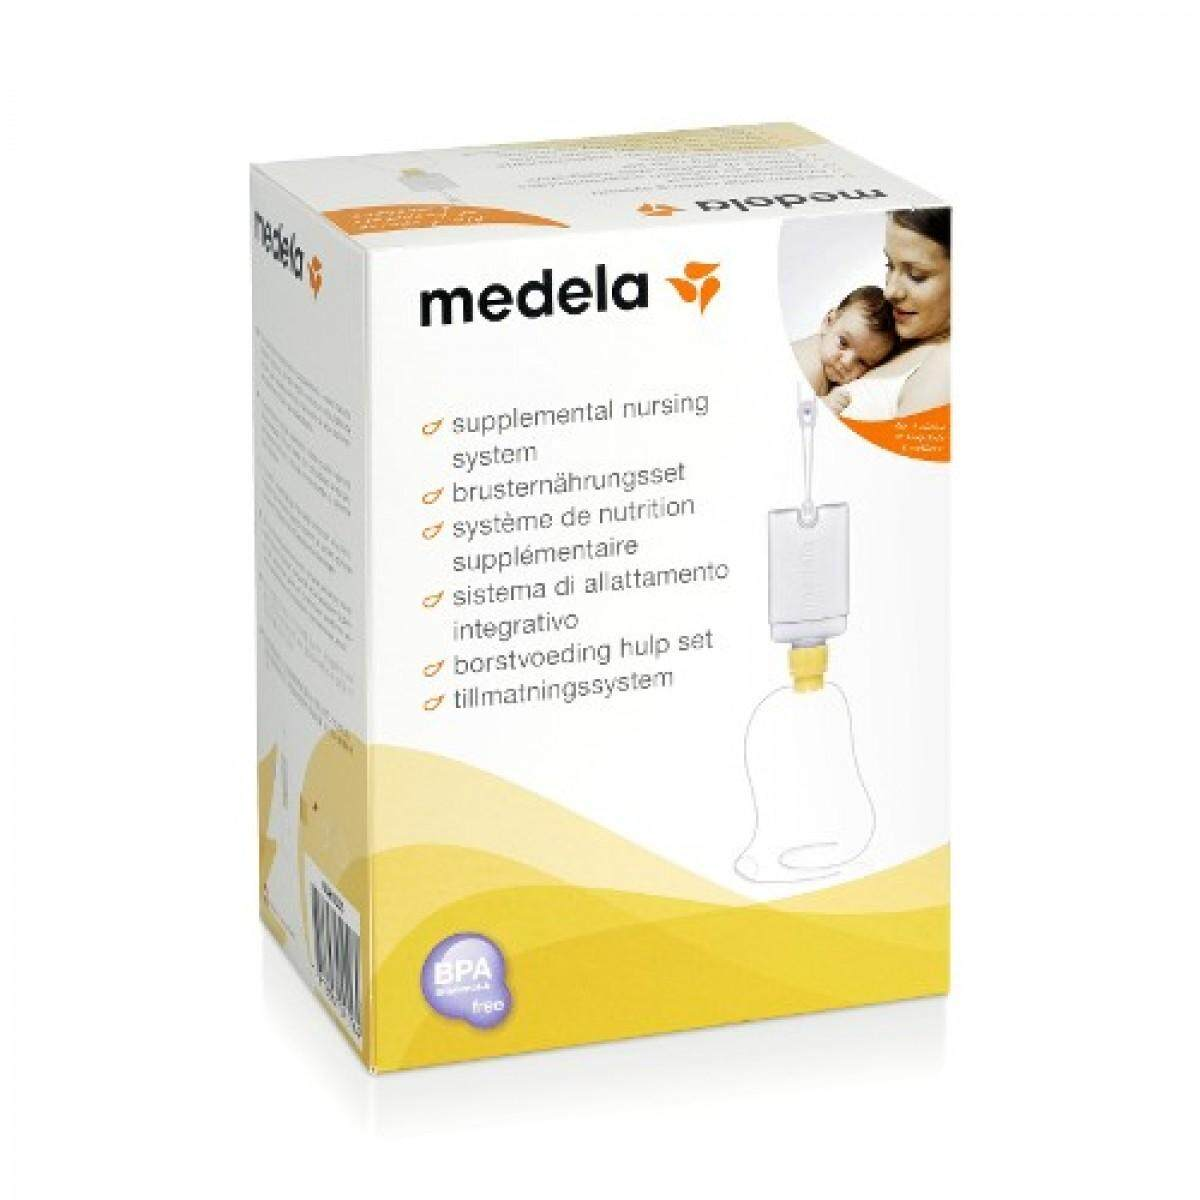 [MEDELA] Supplemental Nursing System (SNS)